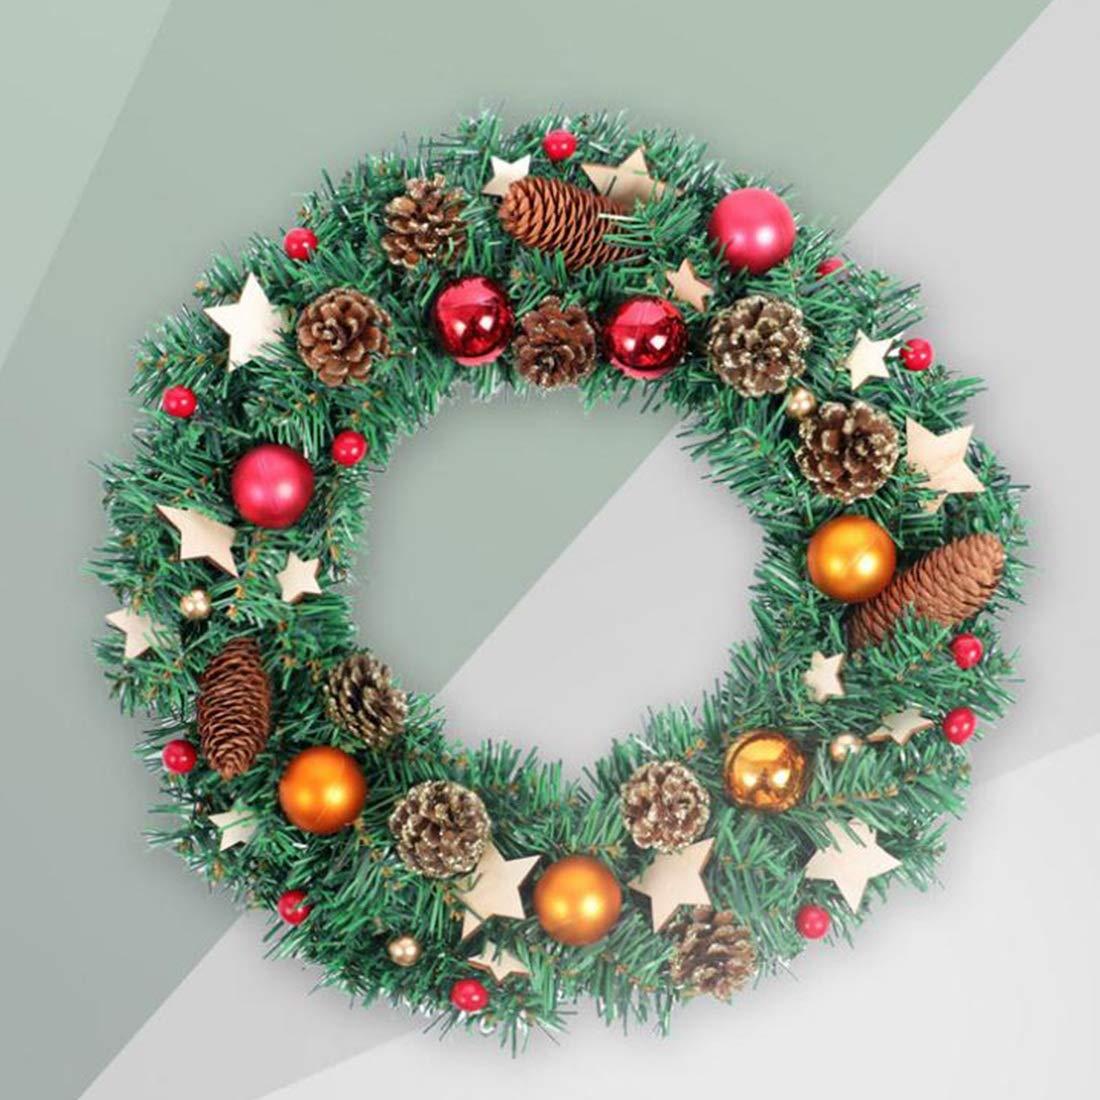 SUIWO Coronas y guirnaldas de Navidad Ventana de la Puerta Delantera escaleras Chimenea de Navidad Garland Decorativos Corona con los Pedazos de Madera, Estrellas y Brillante Conos del Pino: Amazon.es: Hogar